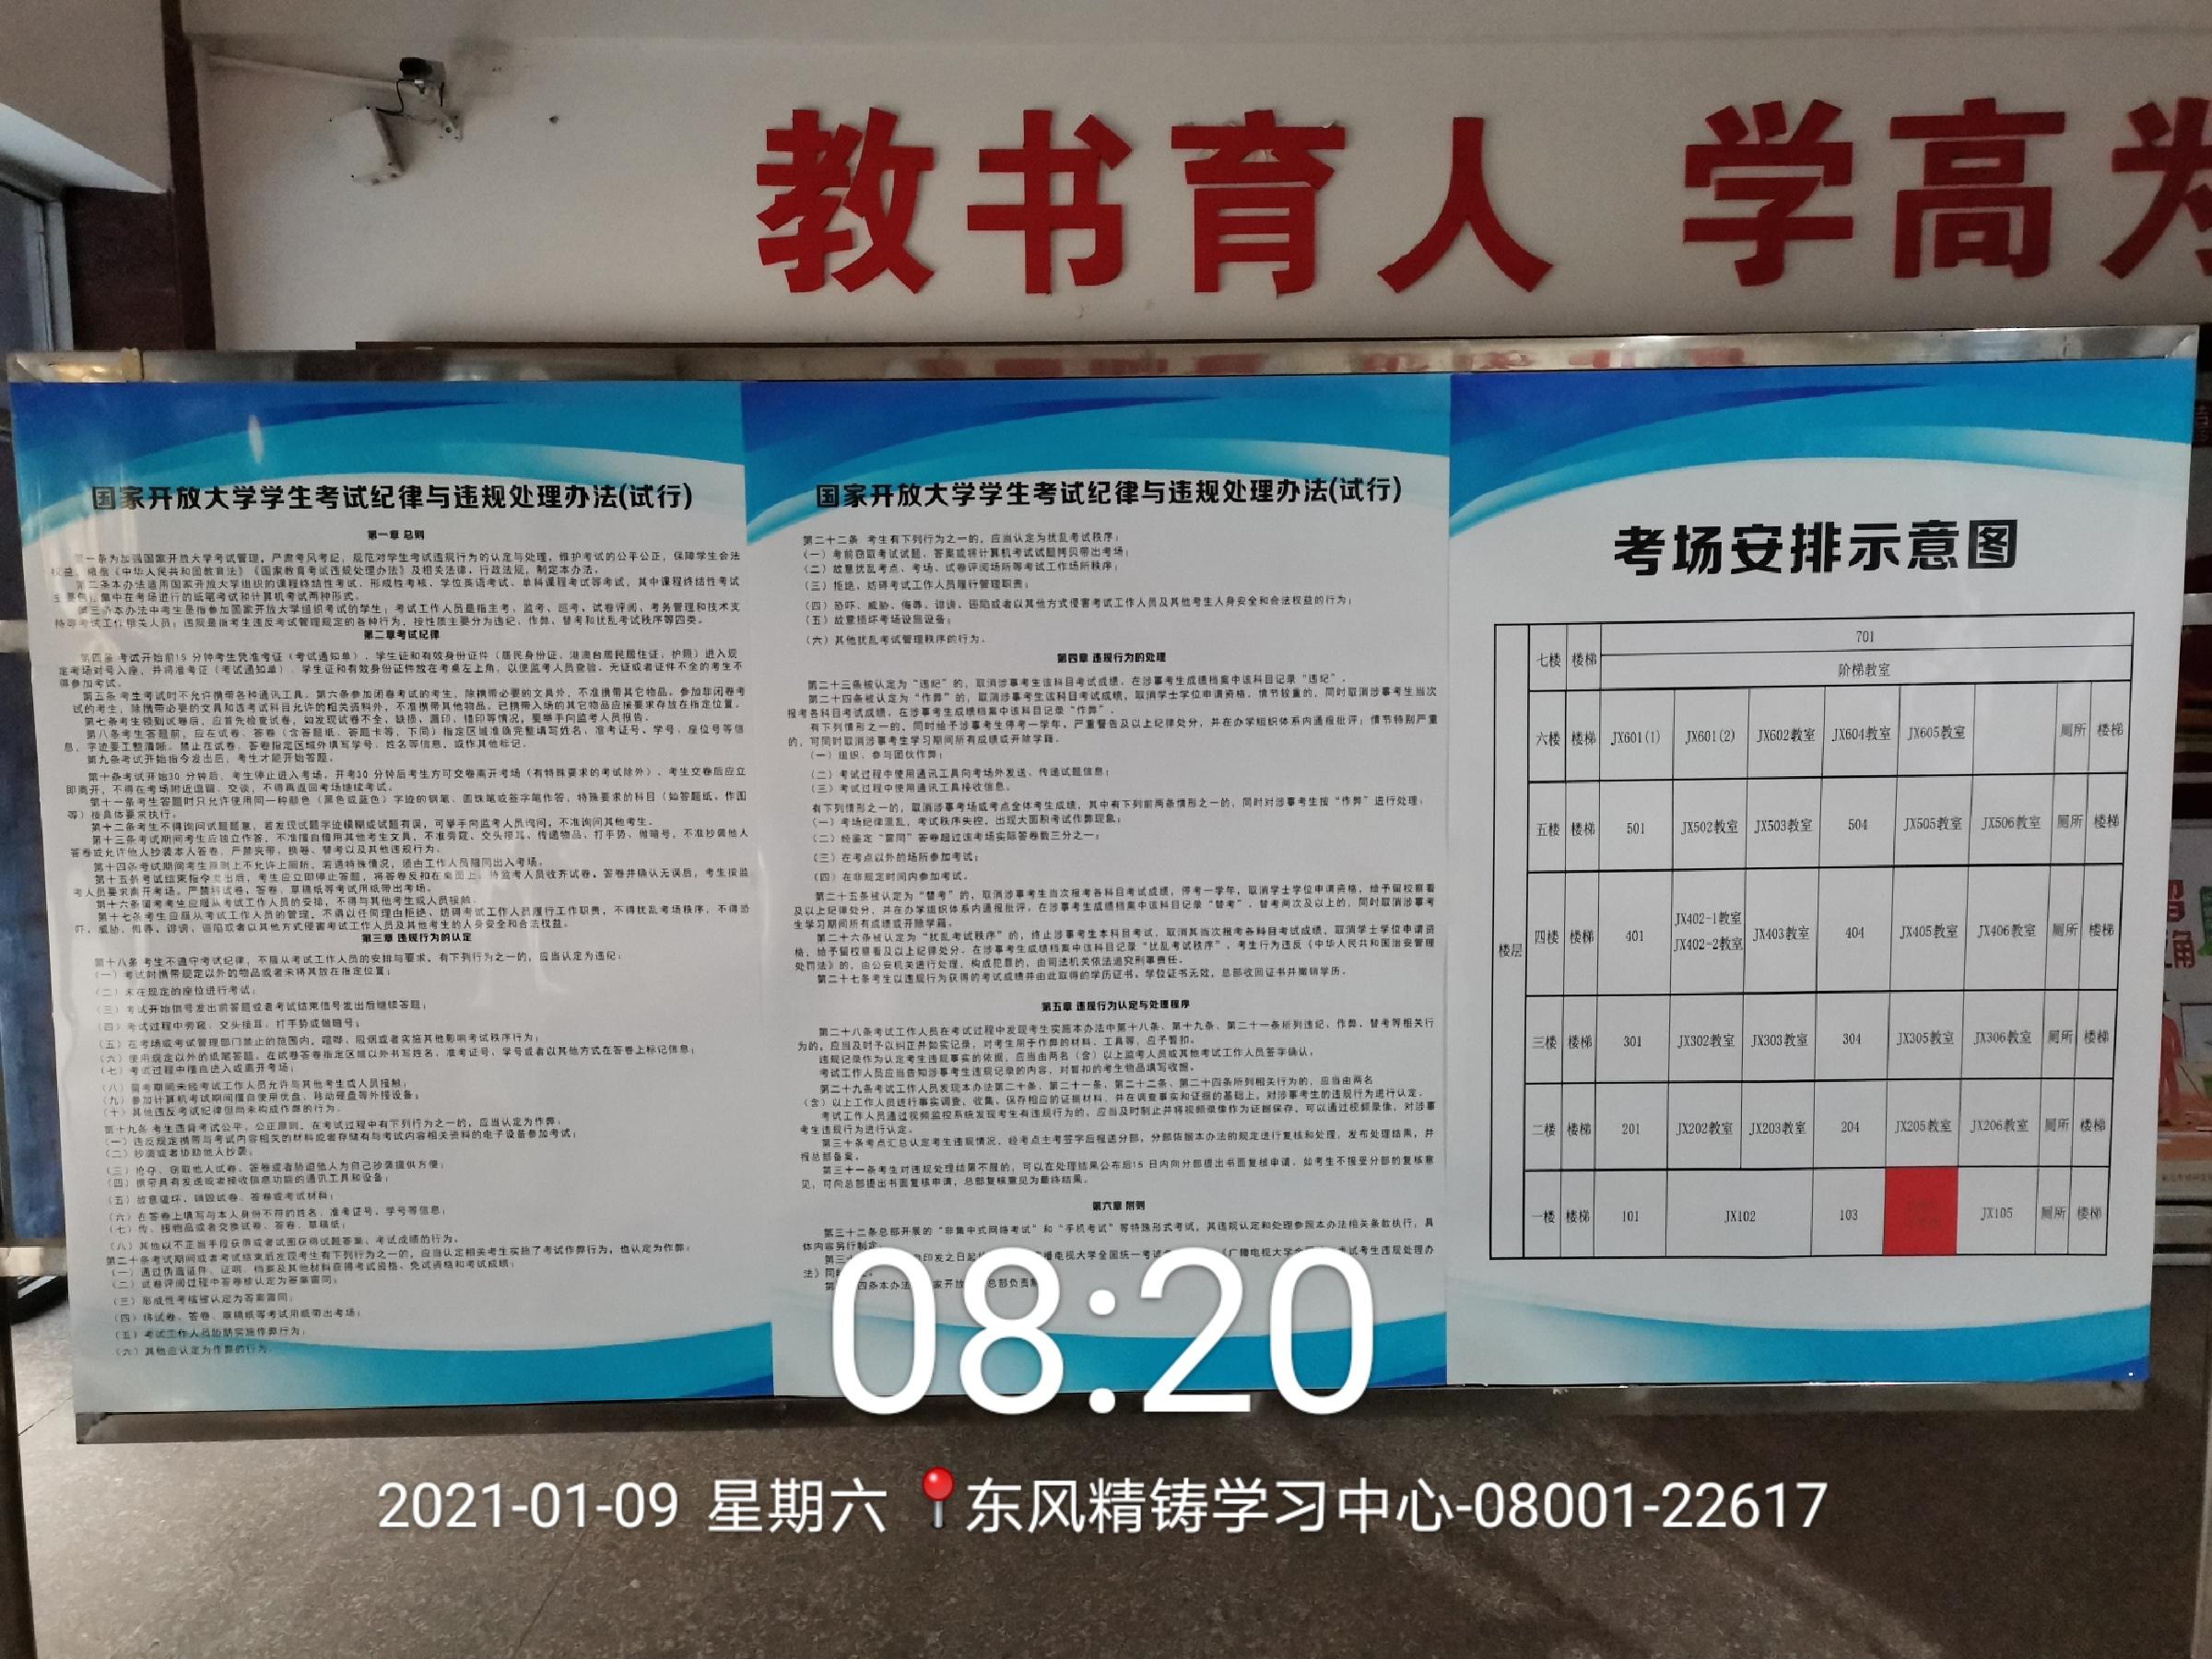 国家开放大学2020秋季期末考试考场记录